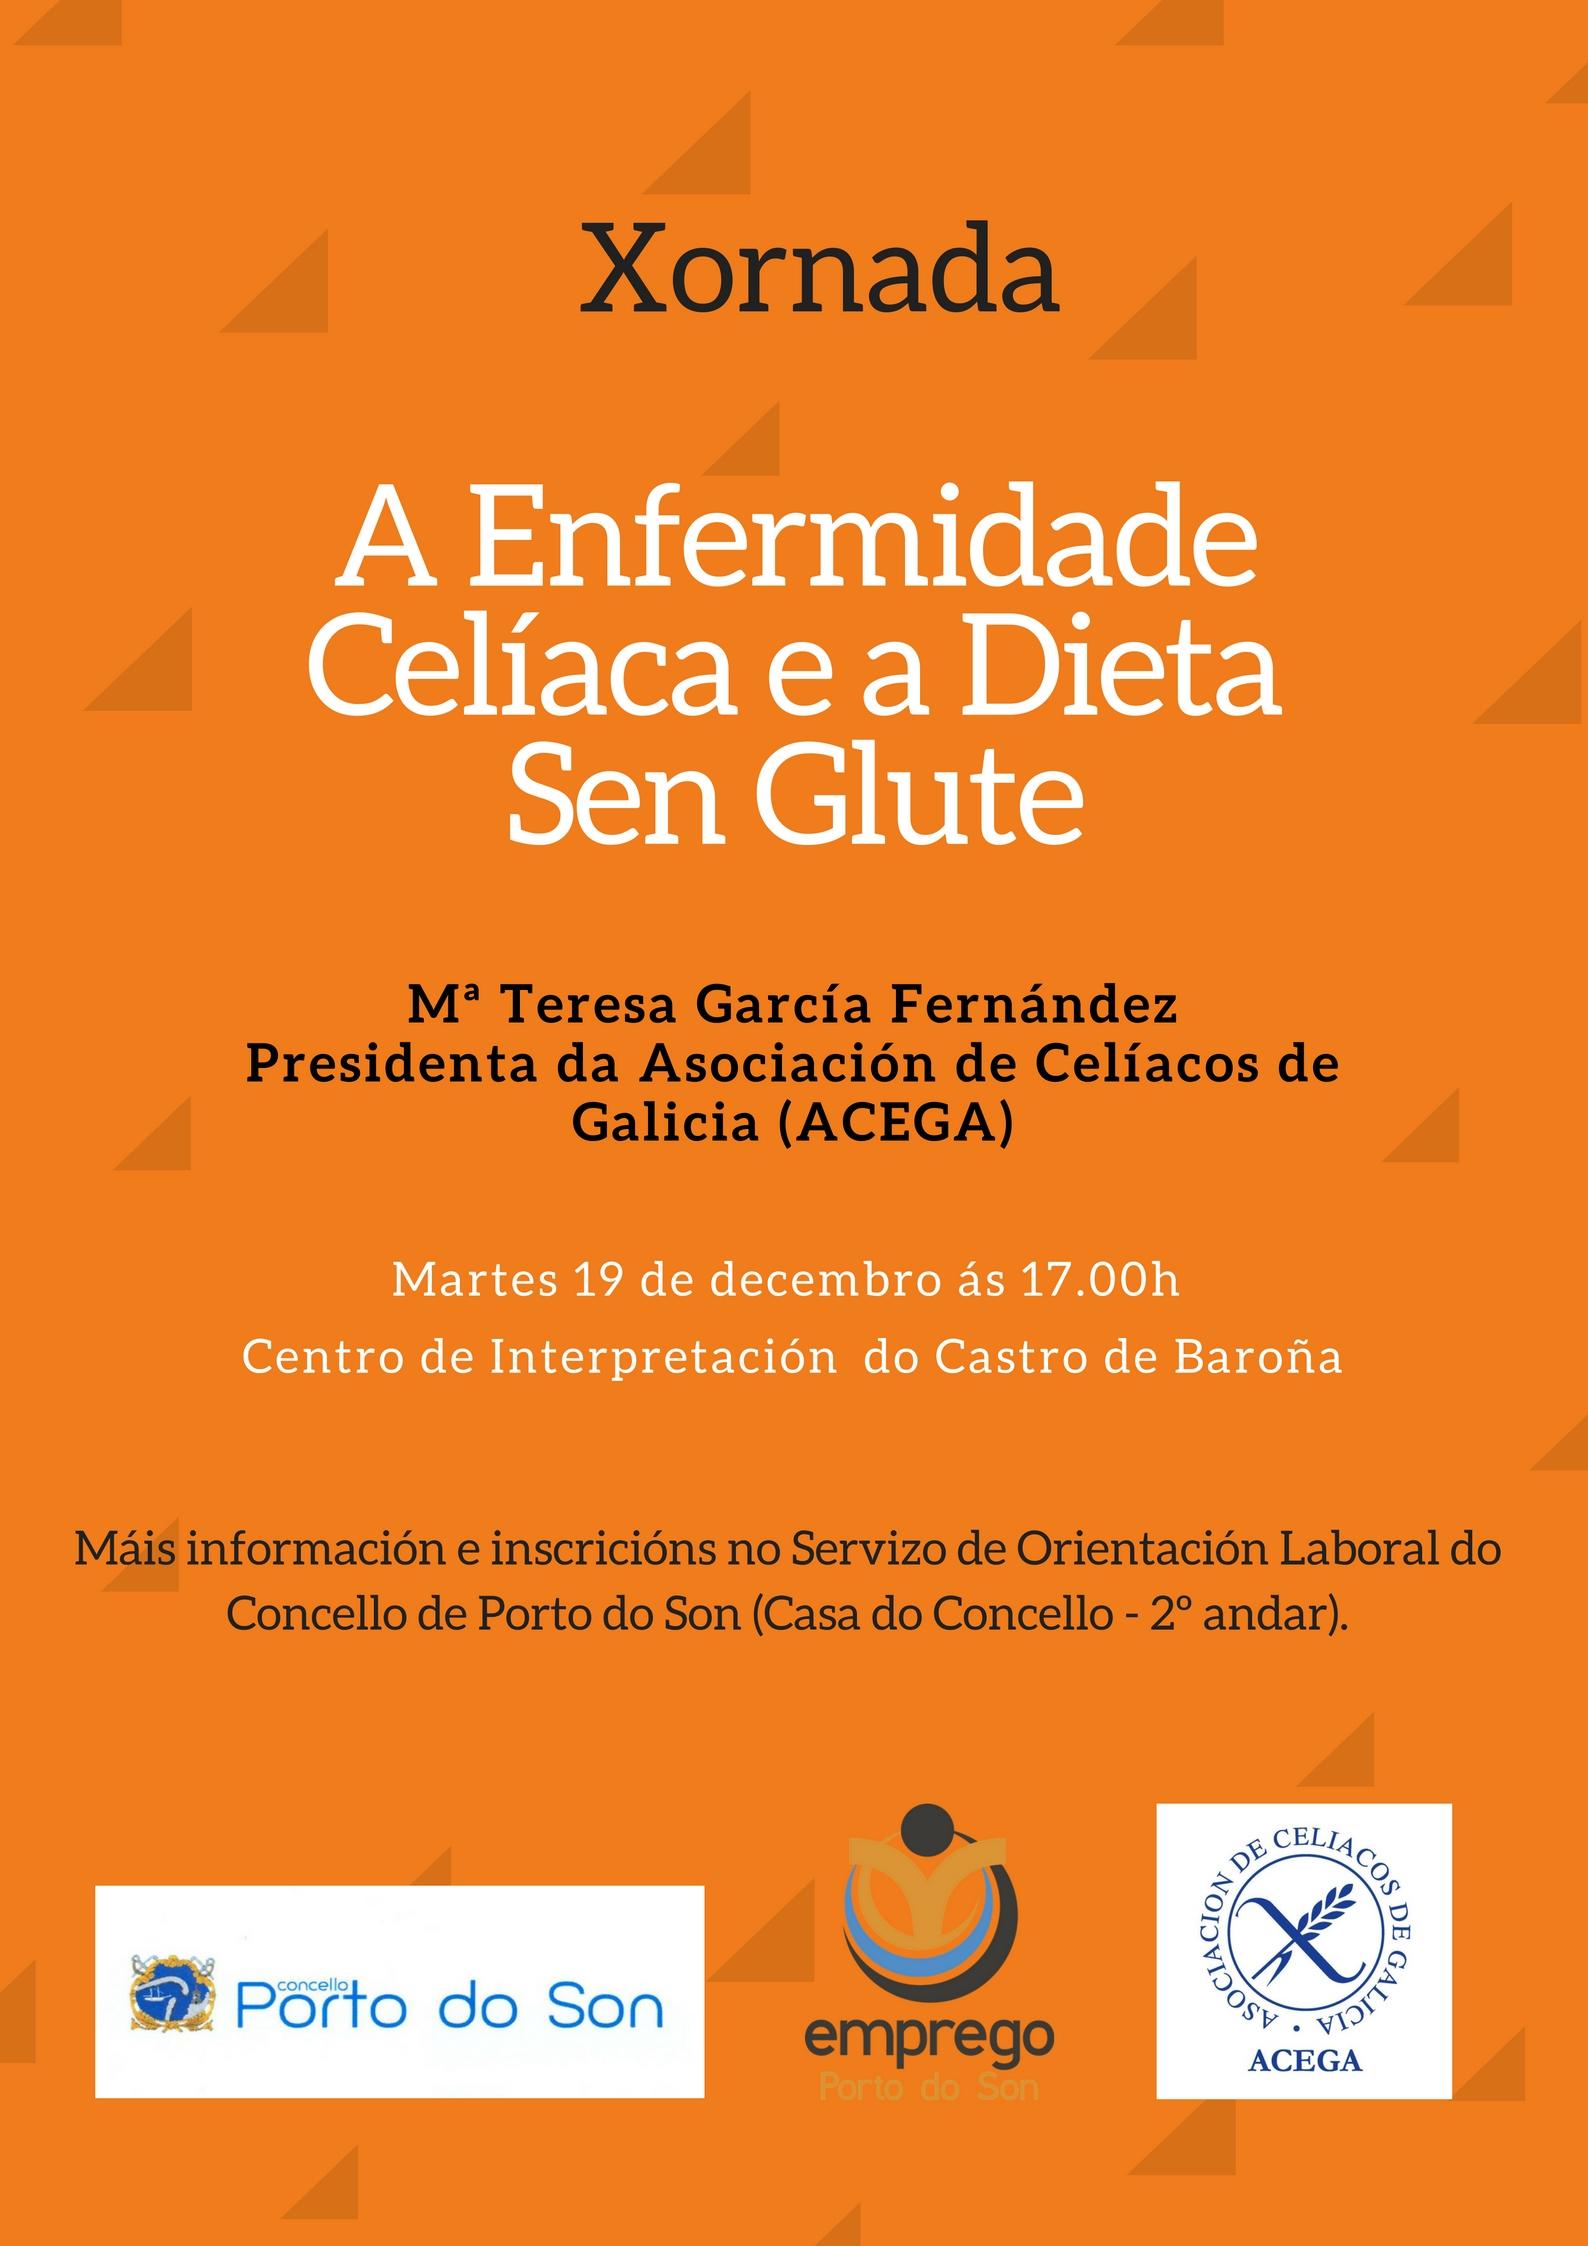 _ A Enfermidade Celíaca e a Dieta Sen Glute_